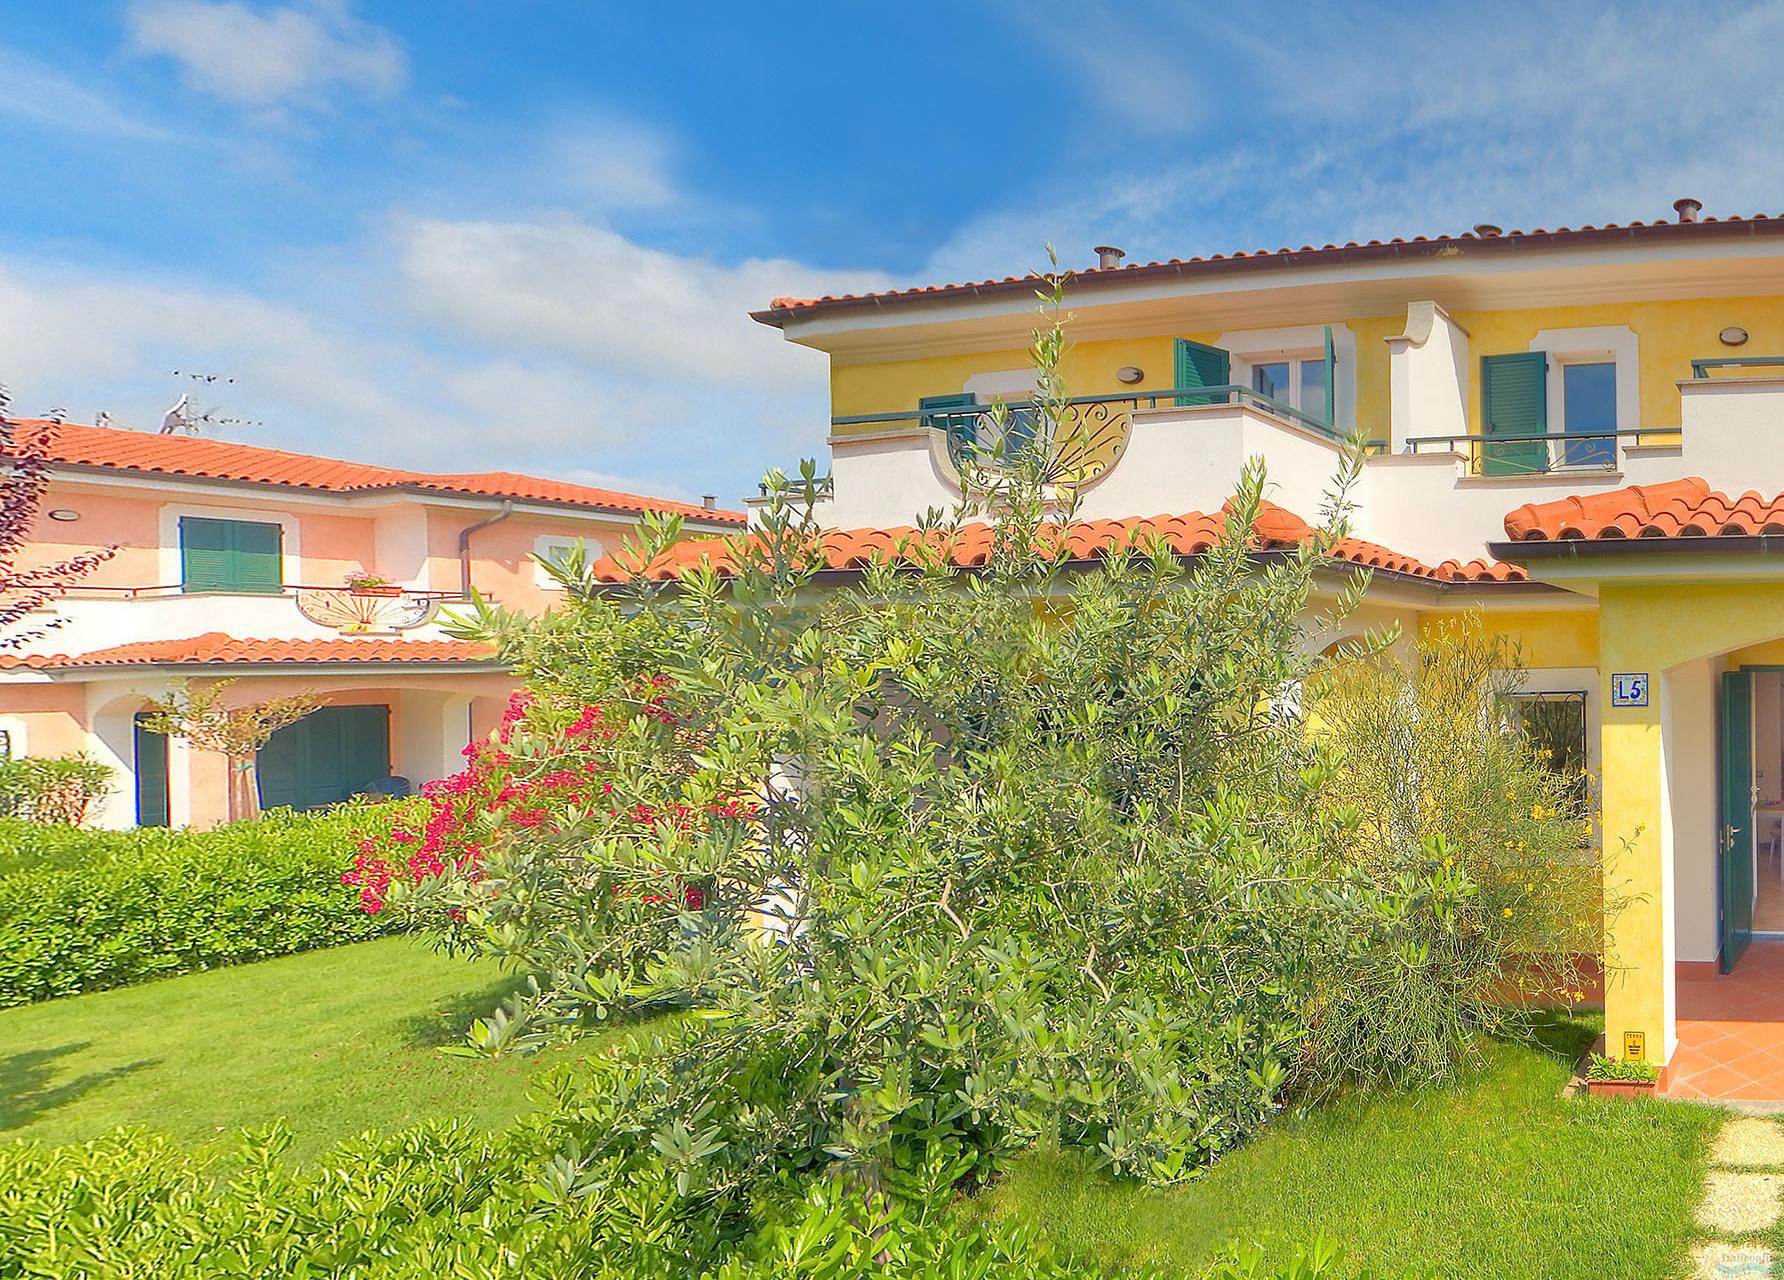 Residence i giardini del conero porto recanati taliansko ck italieonline - Residence i giardini del conero ...